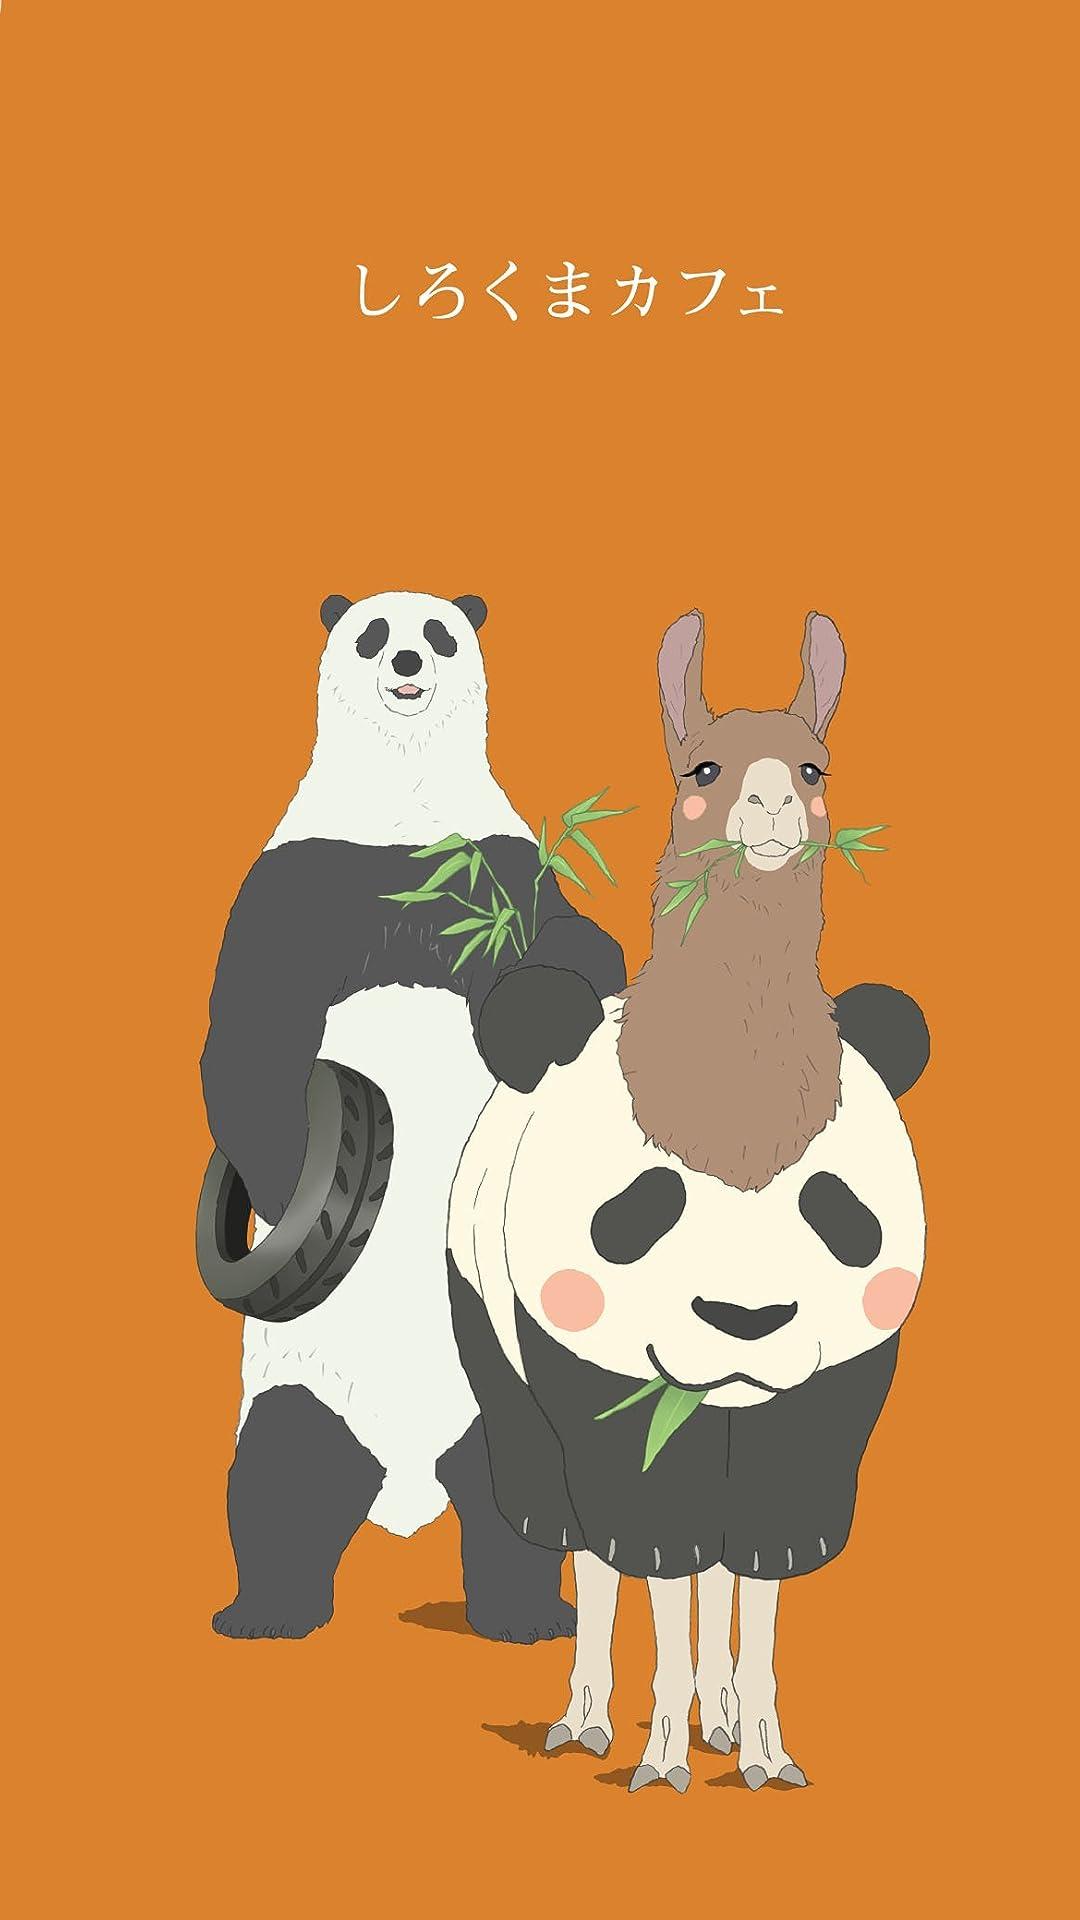 パンダ 壁紙 Iphone Iphone 壁紙 岸 優太 パンダ あなたのための最高の壁紙画像